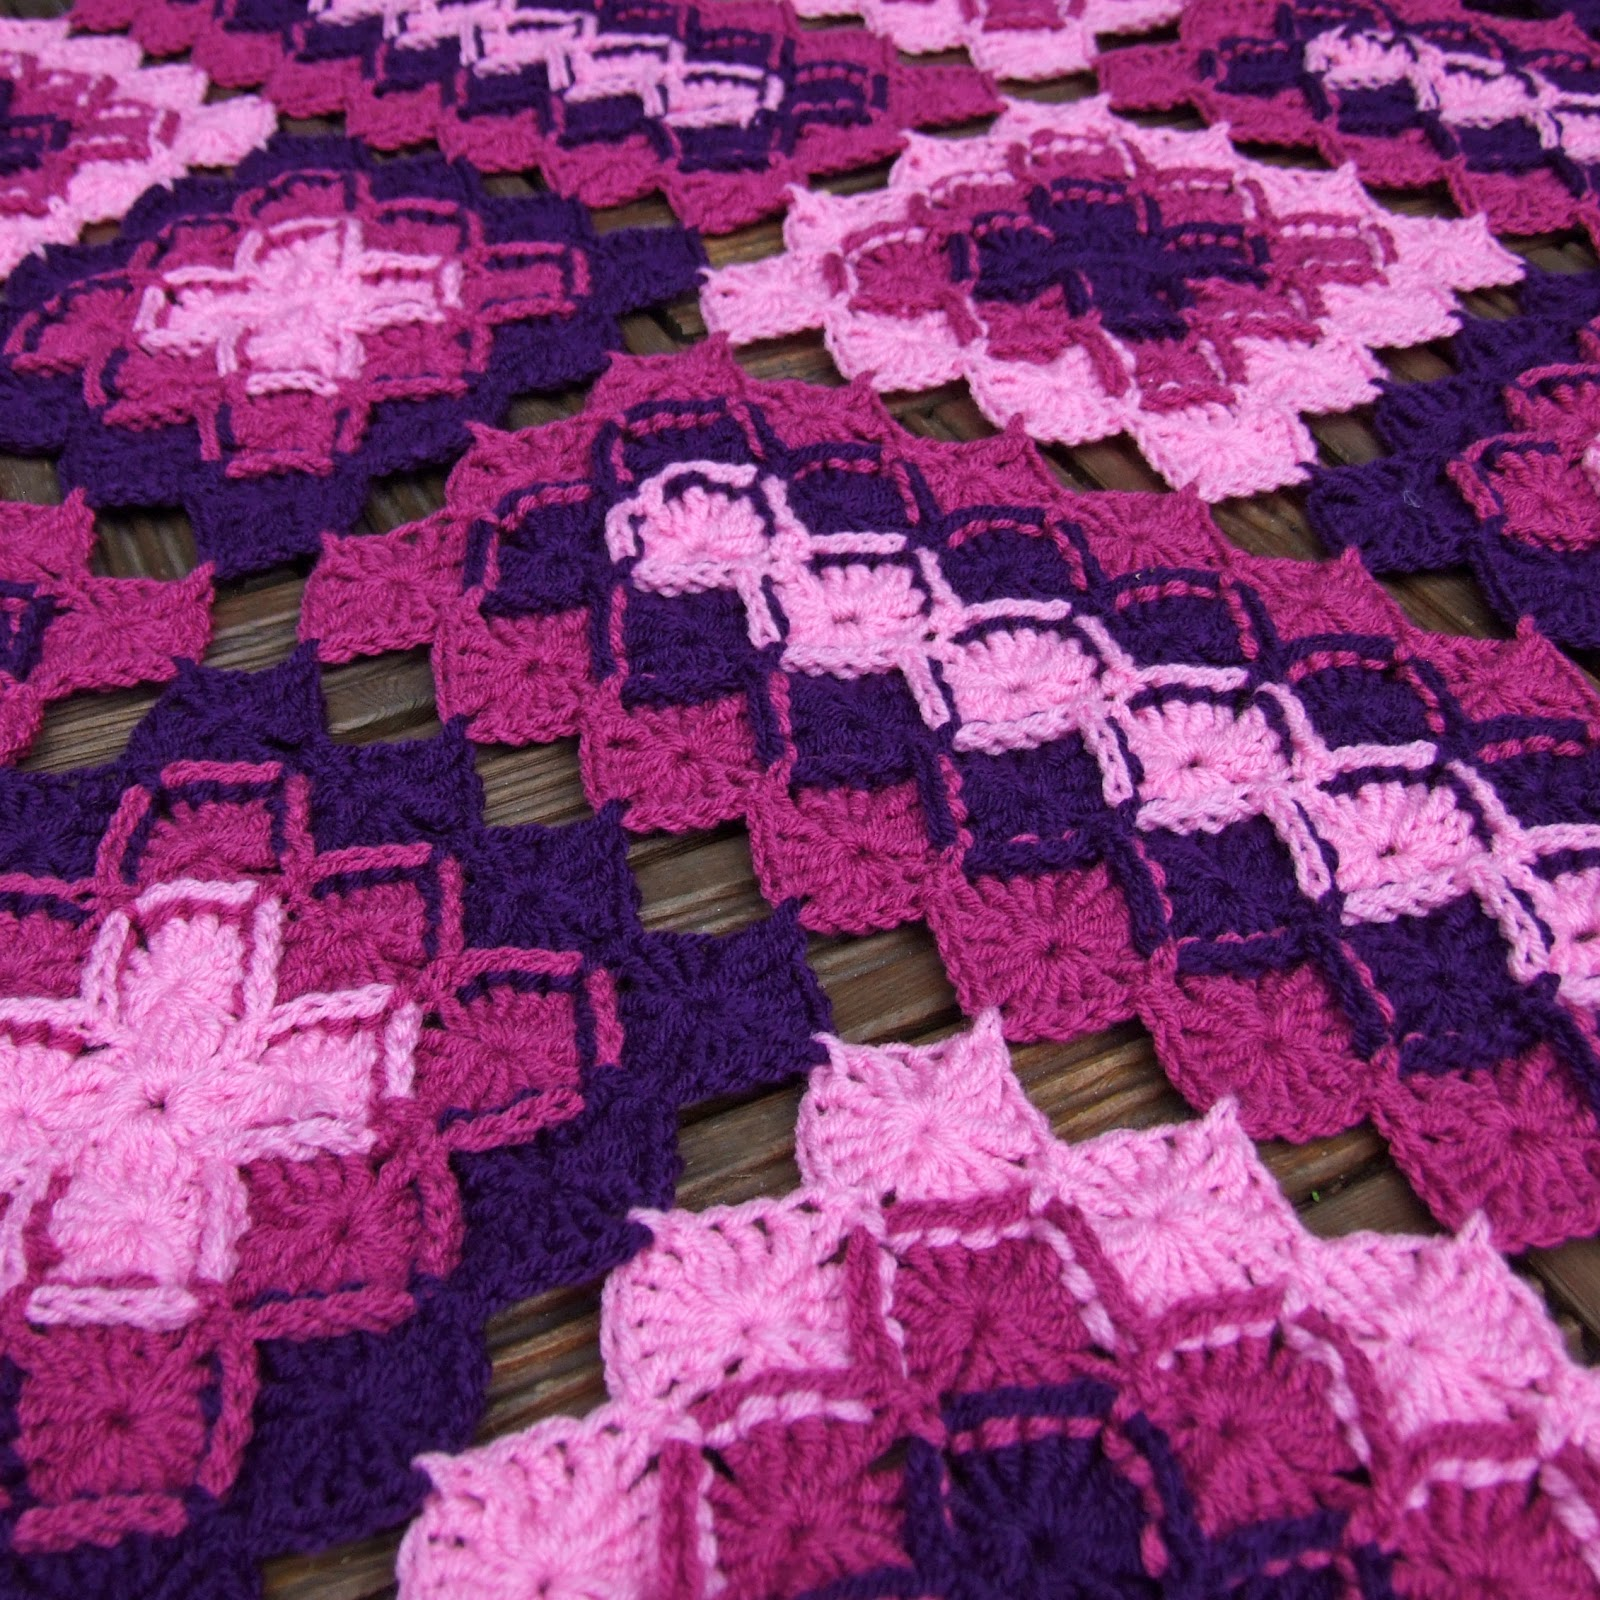 Bavarian Lap Blanket - WoolnHook by Leonie Morgan